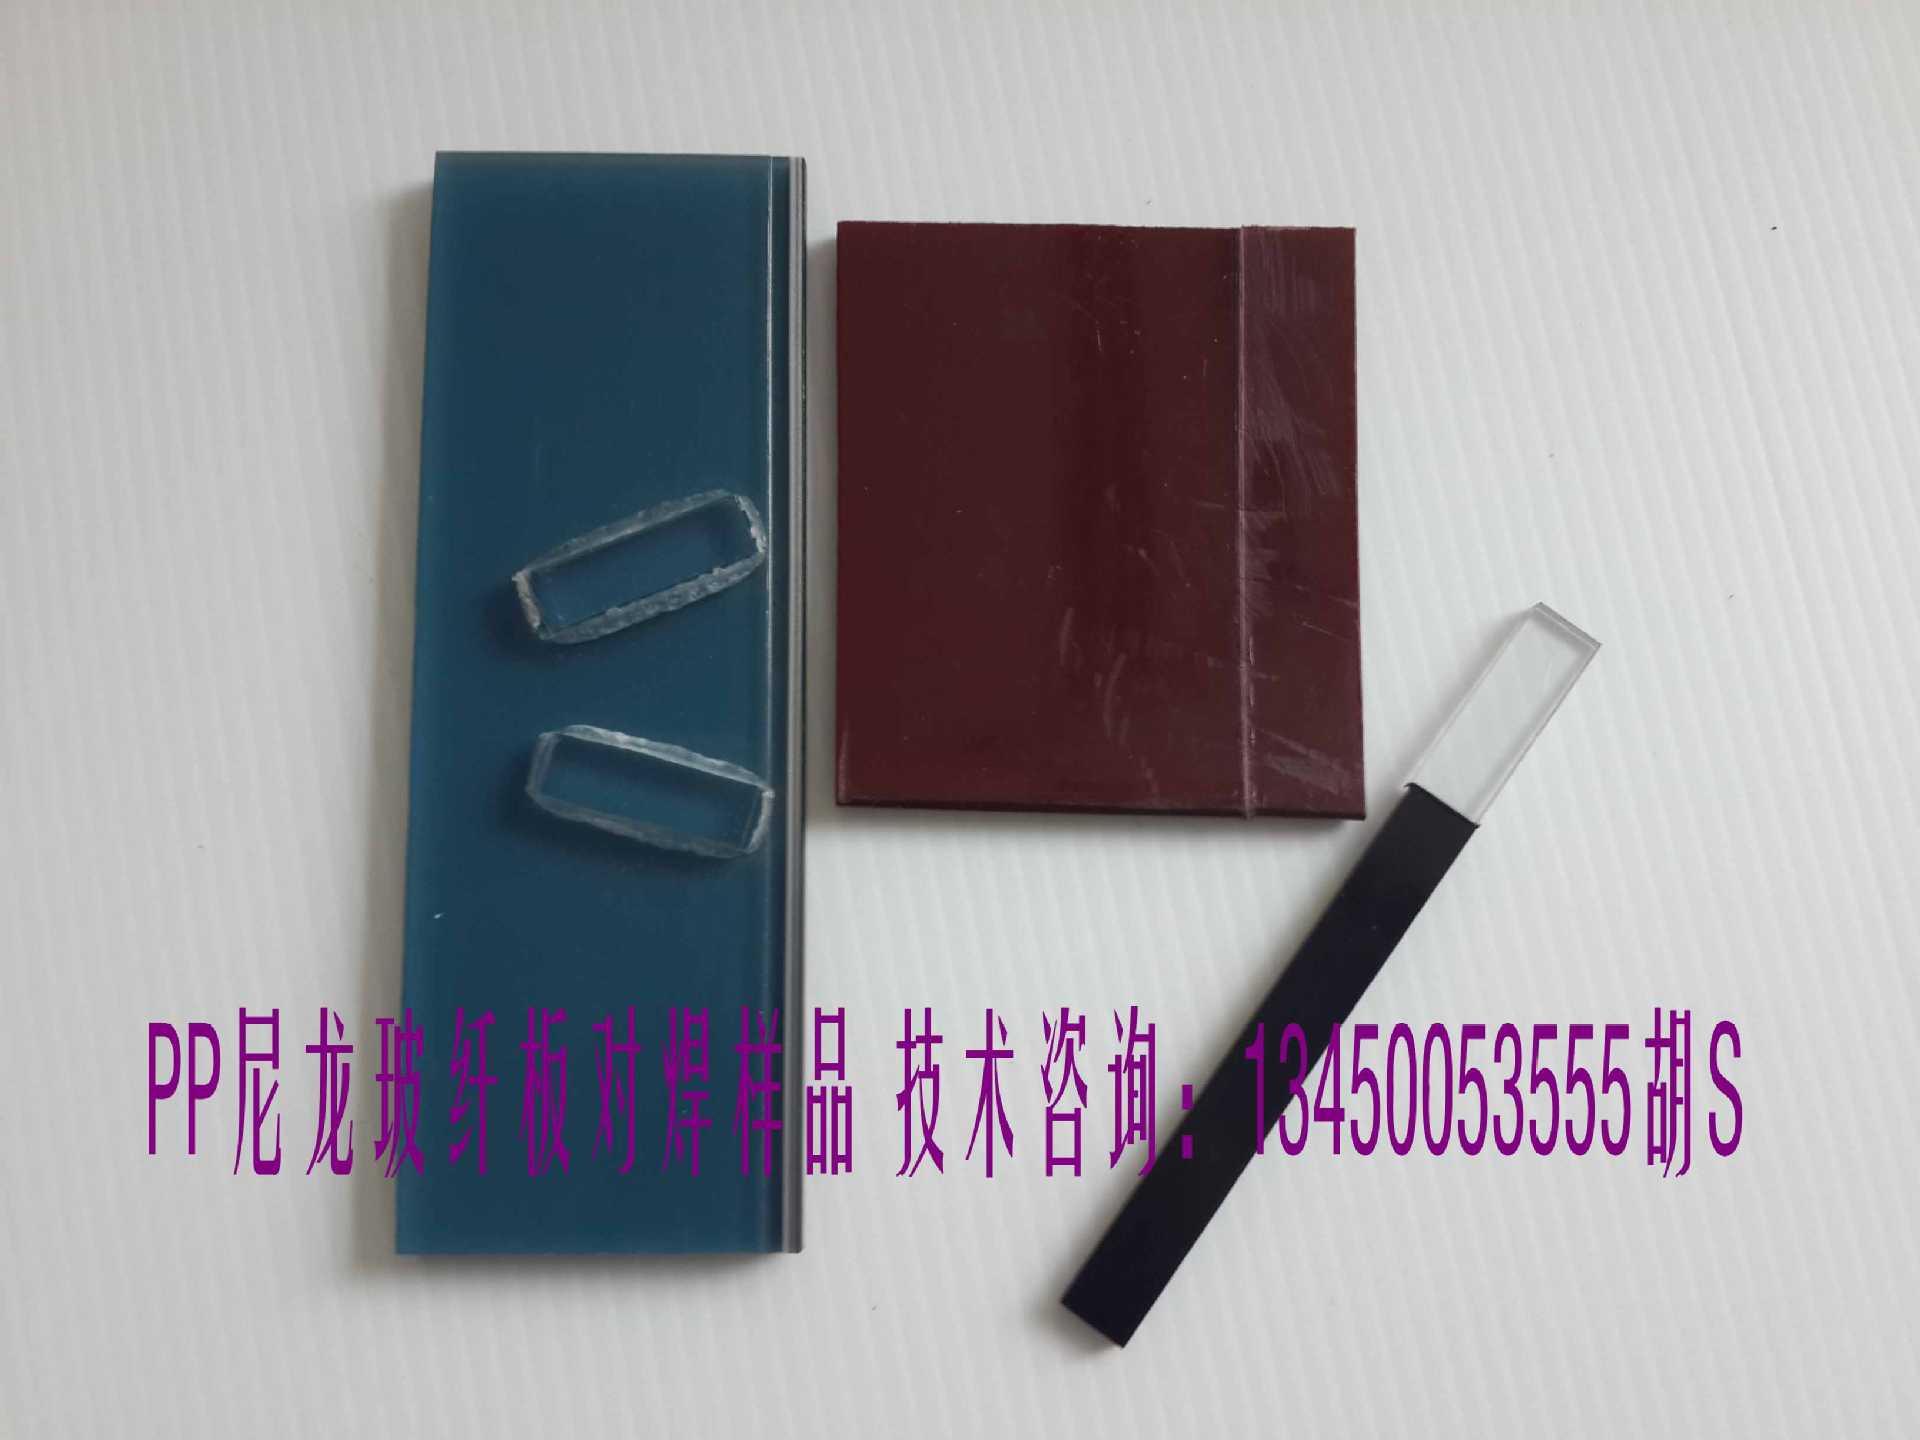 振动摩擦焊接机 协和制造PP尼龙加玻纤 振动摩擦焊接机示例图22